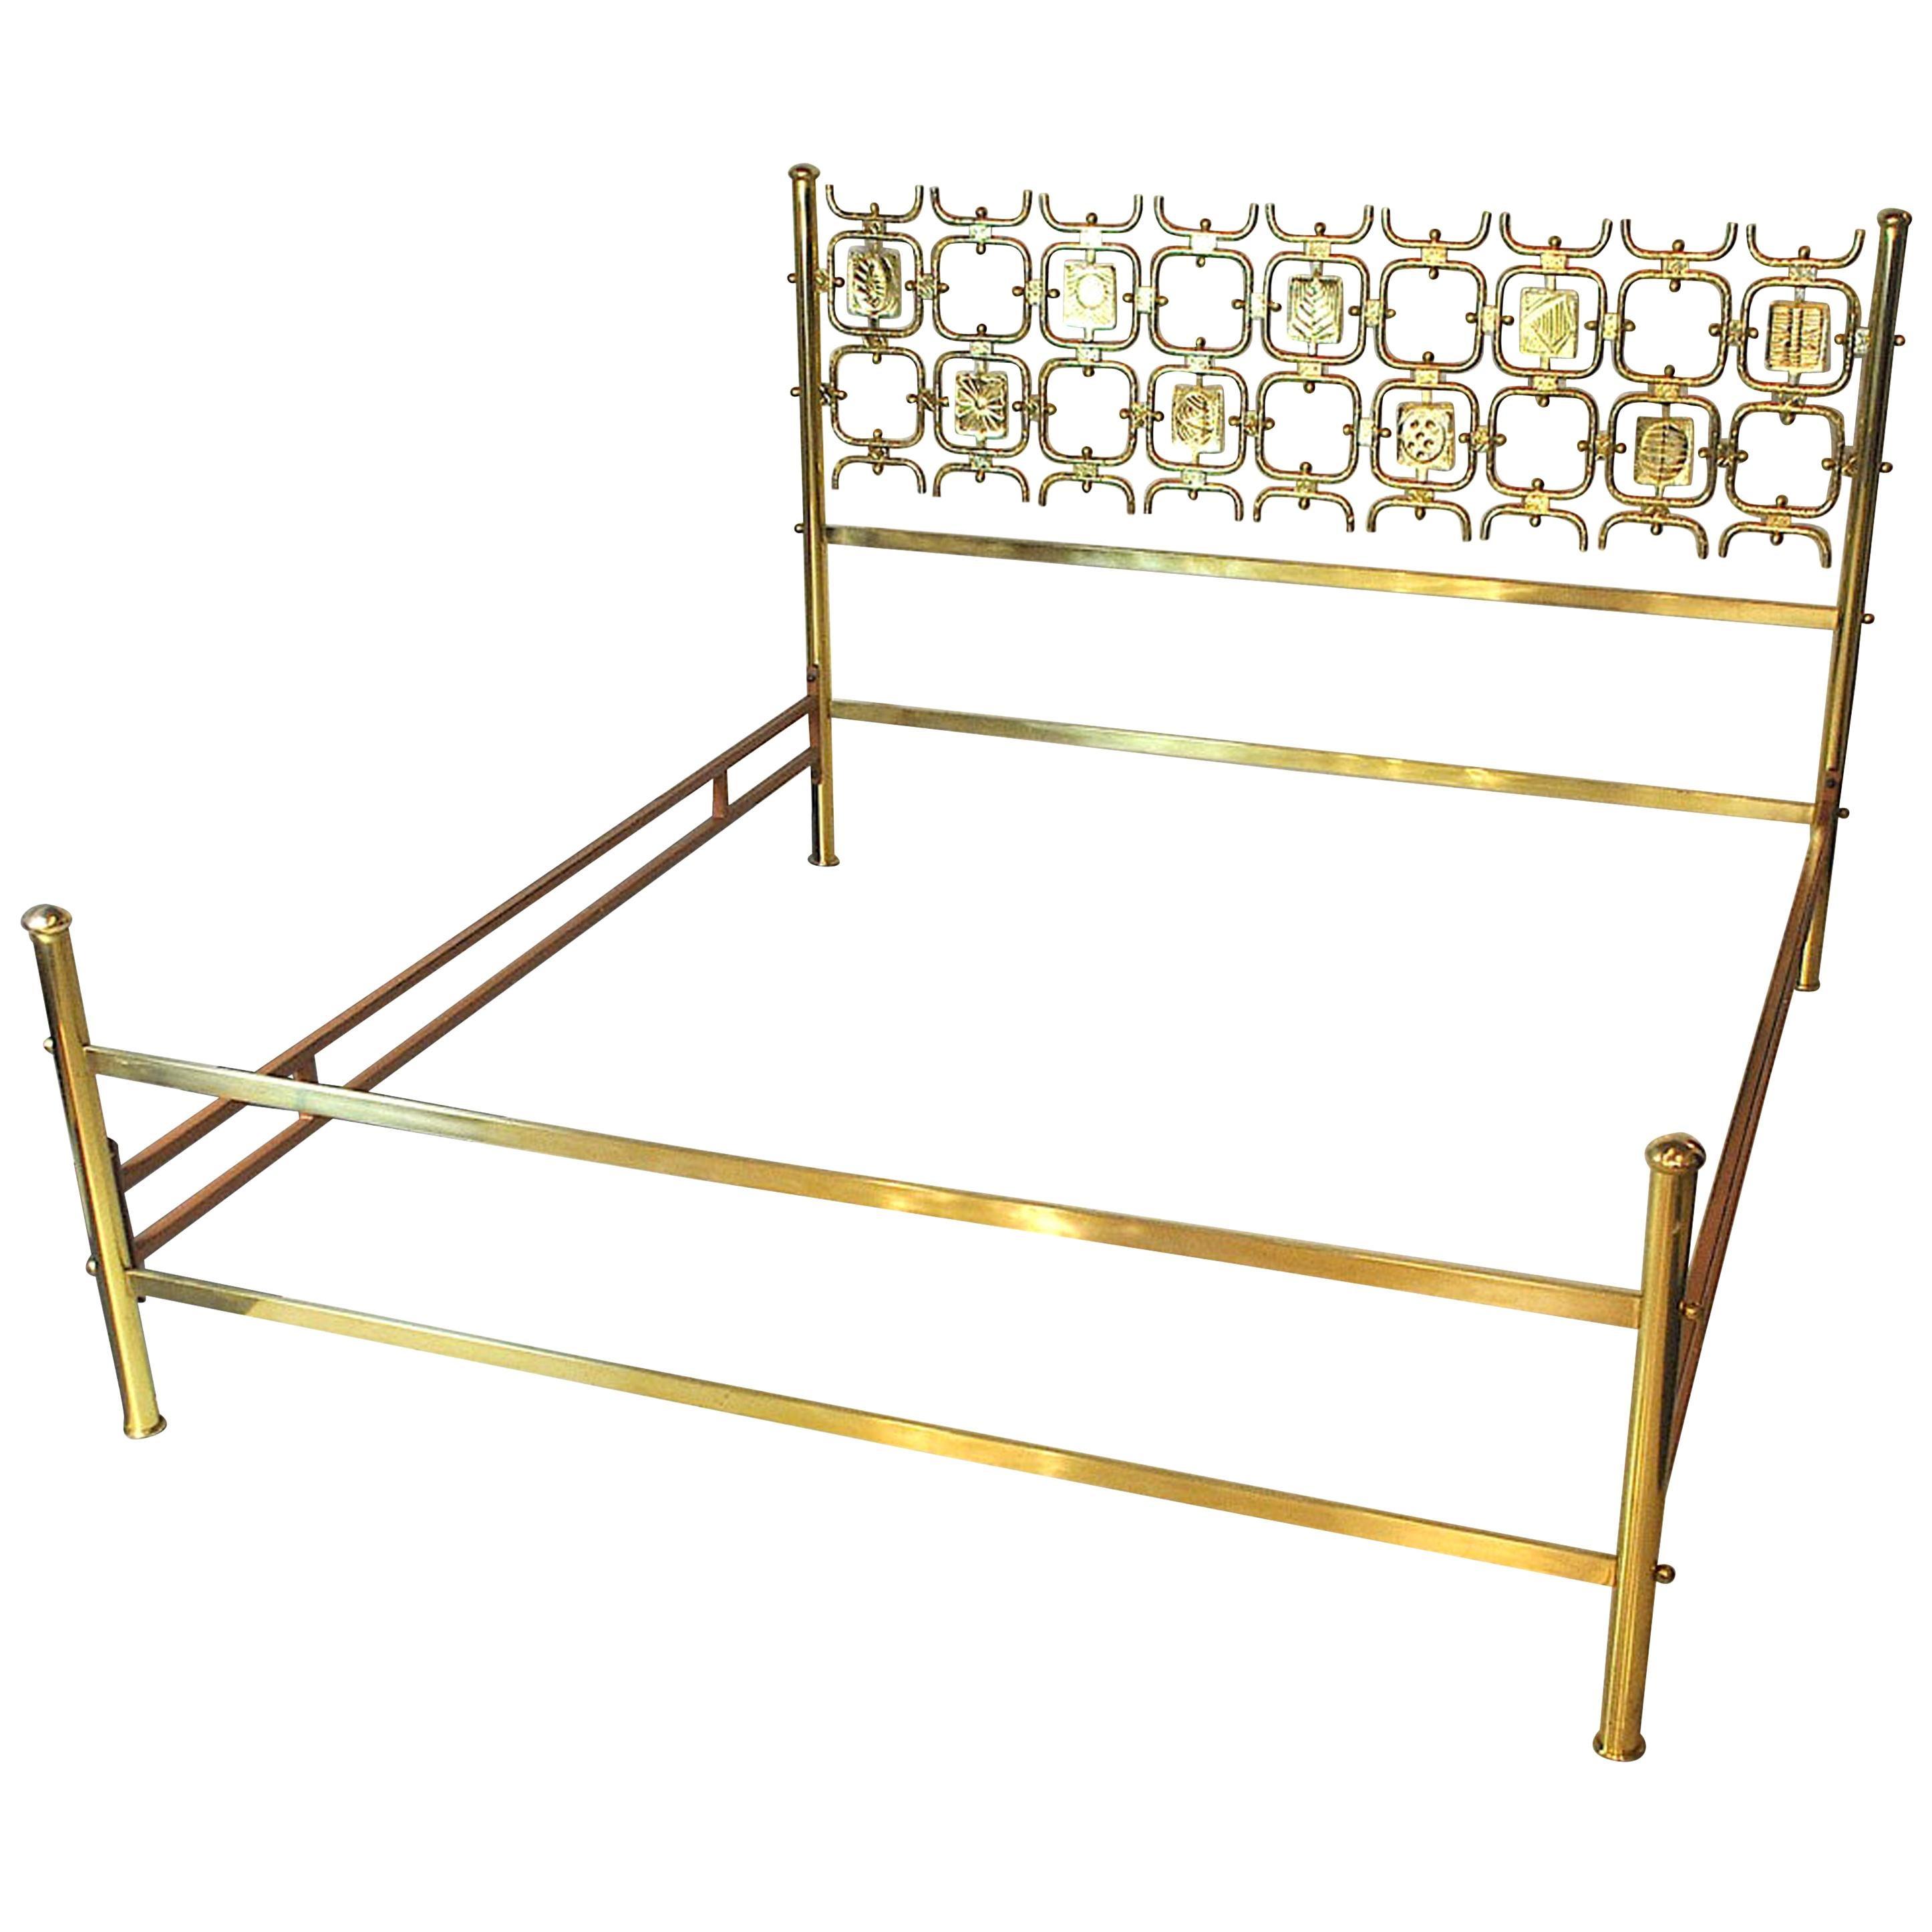 Osvaldo Borsani Italiano Midcentury Bed Totally in Brass 60's